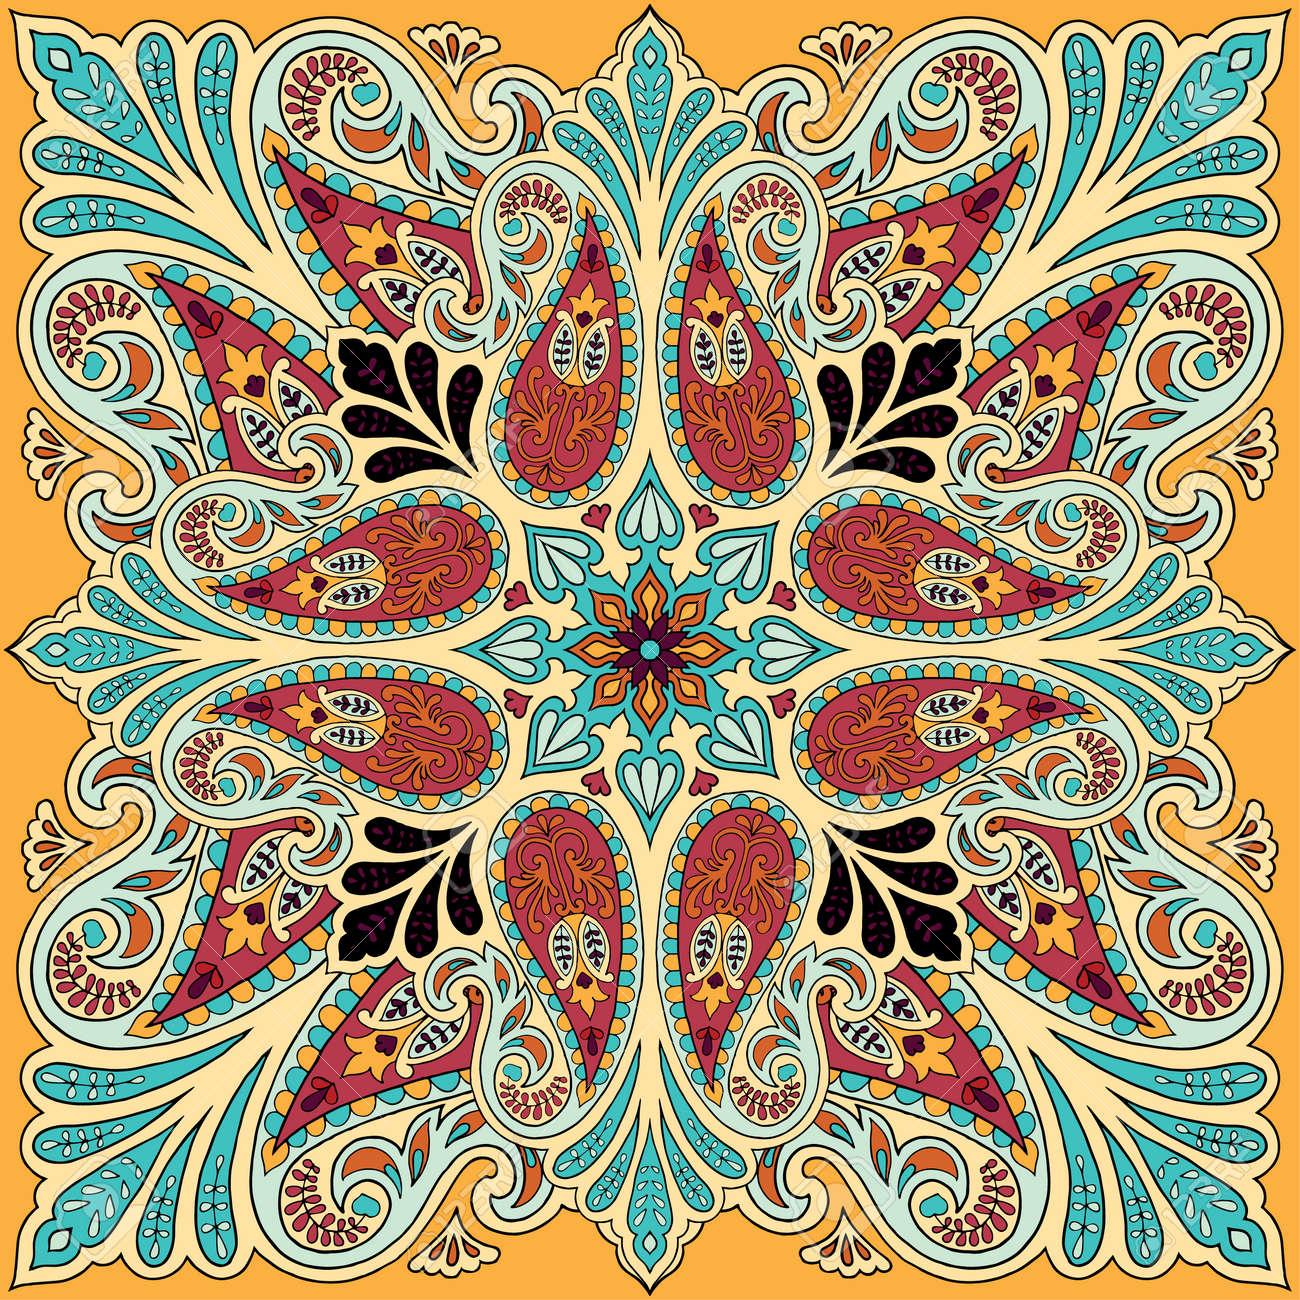 Banque d images - Impression de bandana Vector avec ornement paisley.  Foulard en soie, motif carré de foulard, tissu de style oriental. 5d865aeb334